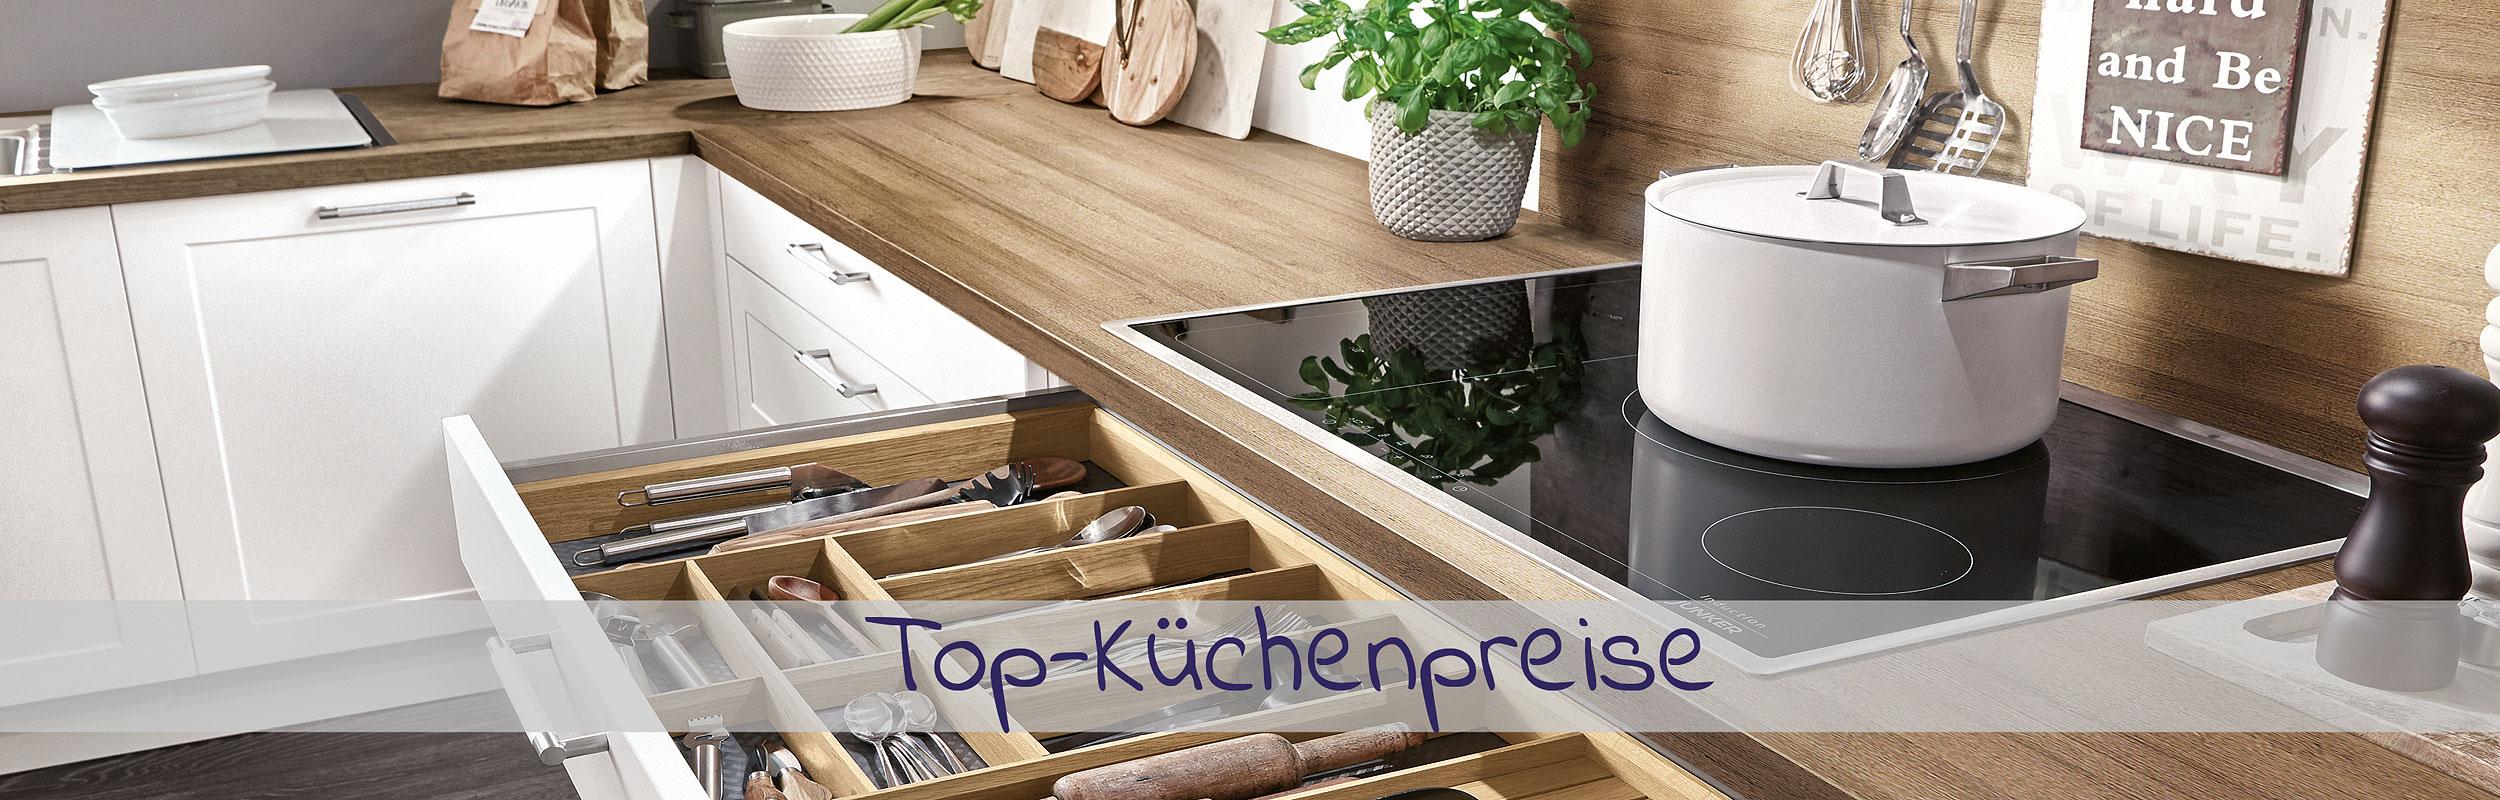 Top Küchenpreise und Angebote - im Küchenland Auer